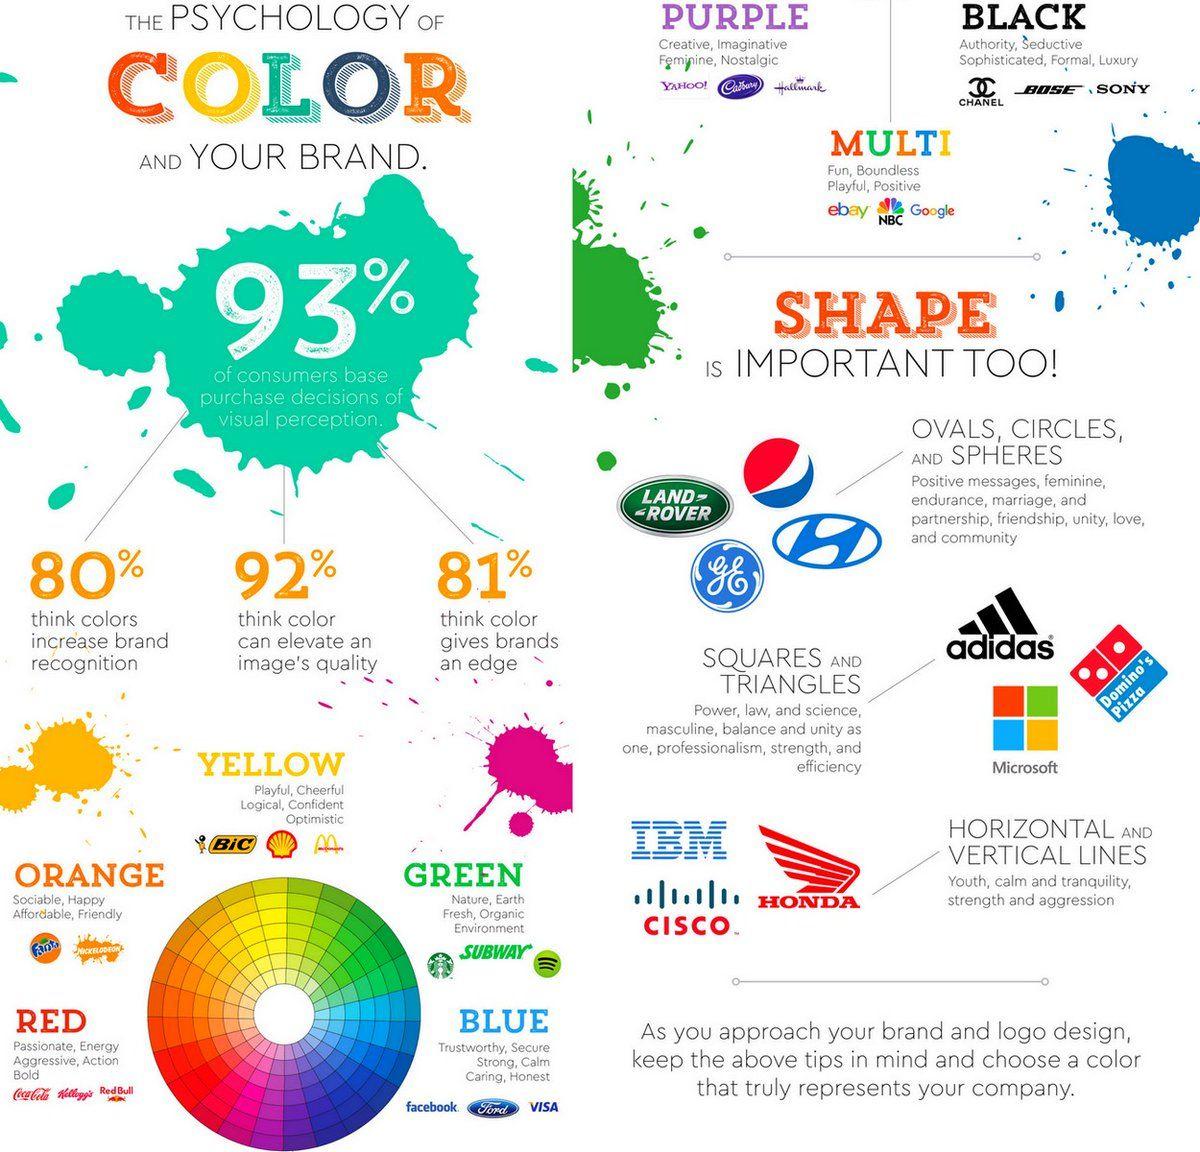 Color Psychology in Logo/Brand Design #Branding #DigitalMarketing #GrowthHacking  #SMM #Marketing #Mpgvip #SPDC  https:// twitter.com/laptopmarketin g/status/899451025375076355 &nbsp; … <br>http://pic.twitter.com/21Z8FlydqO